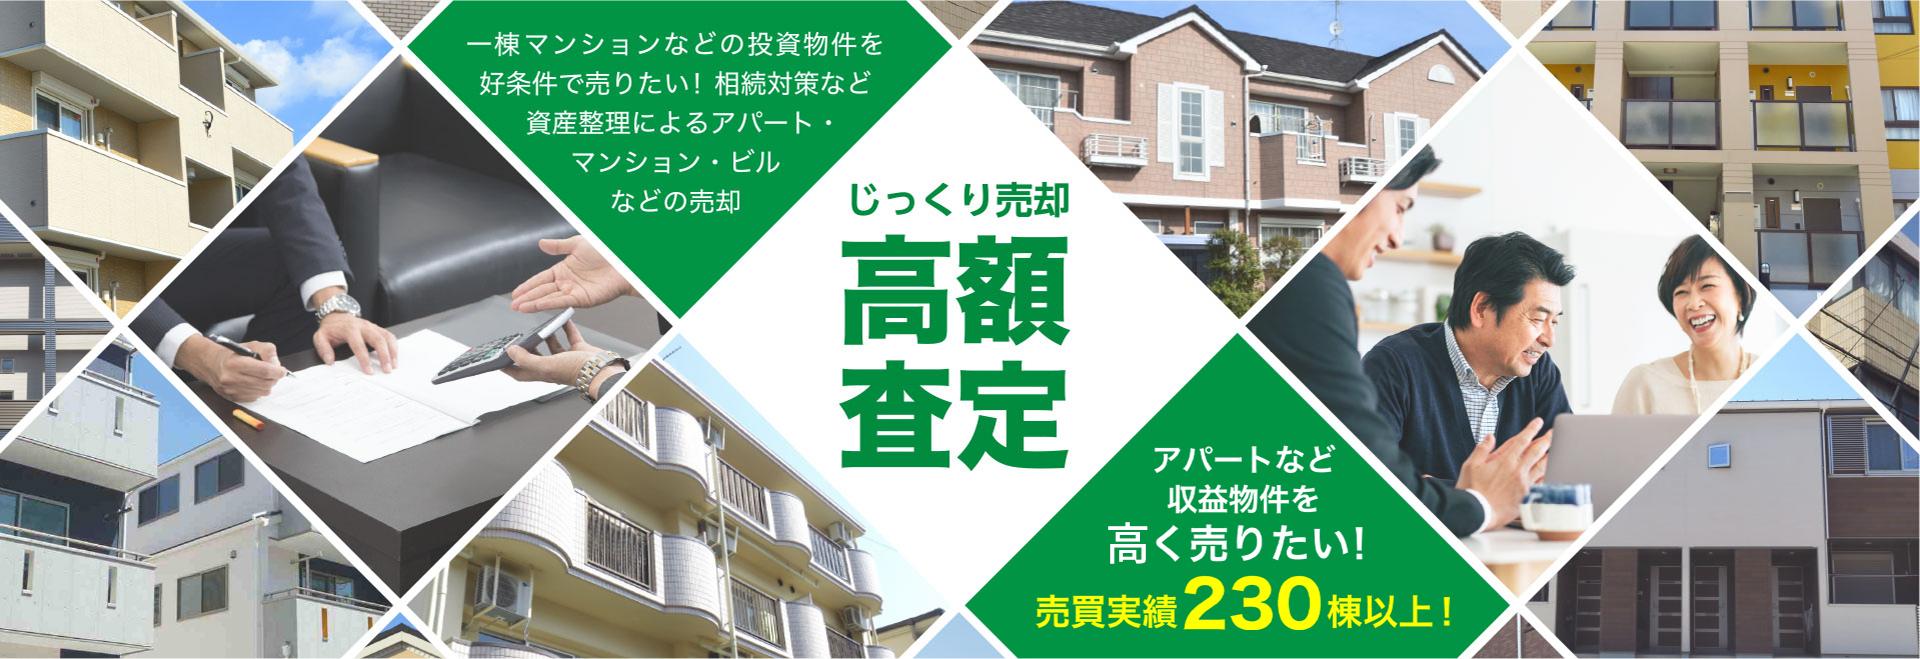 アパート売却の高額査定 アパートやマンションを高く売りたい人必見!